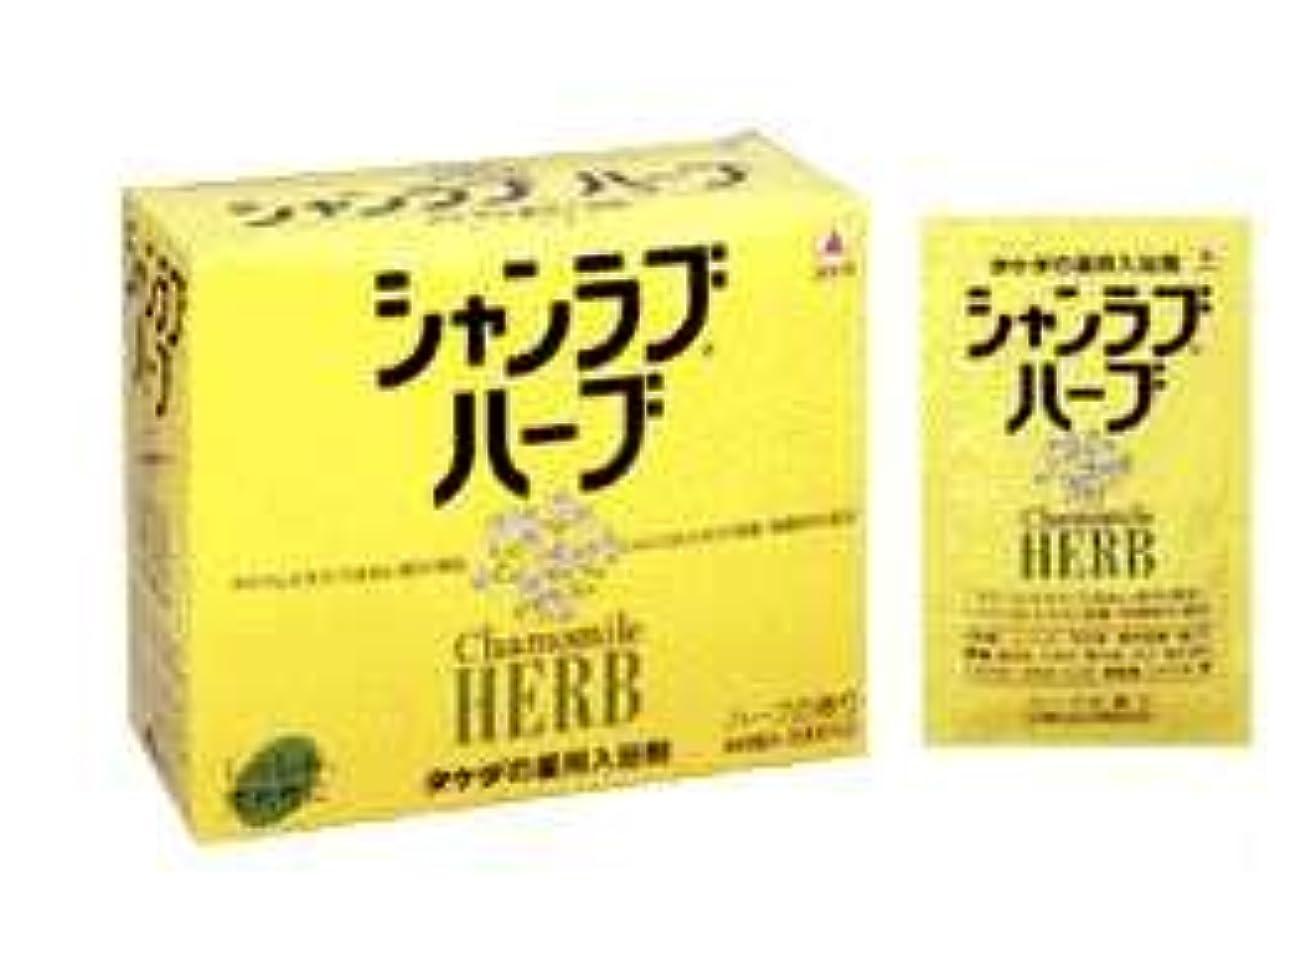 ぬれたワーディアンケーススツールシャンラブハーブ  30g×20包  武田薬品【医薬部外品】